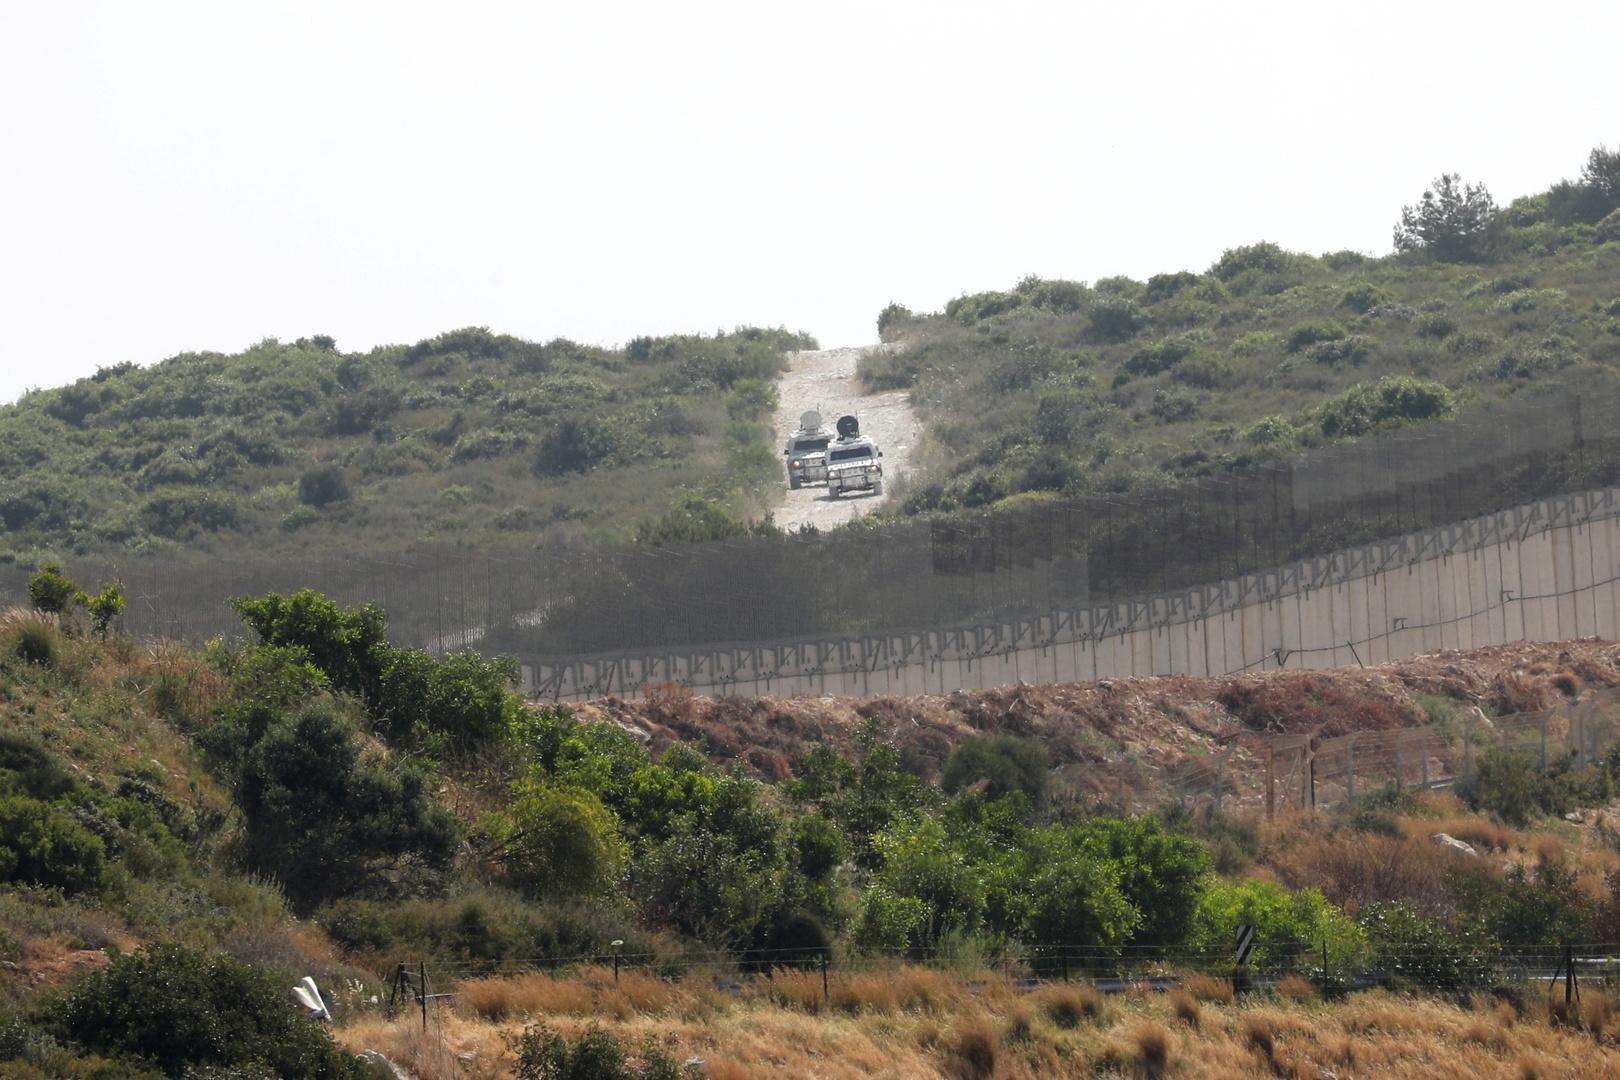 القوات الإسرائيلية تفرج عن قطيع مواش بعد فشلها باعتقال راعيه عند الحدود جنوب لبنان